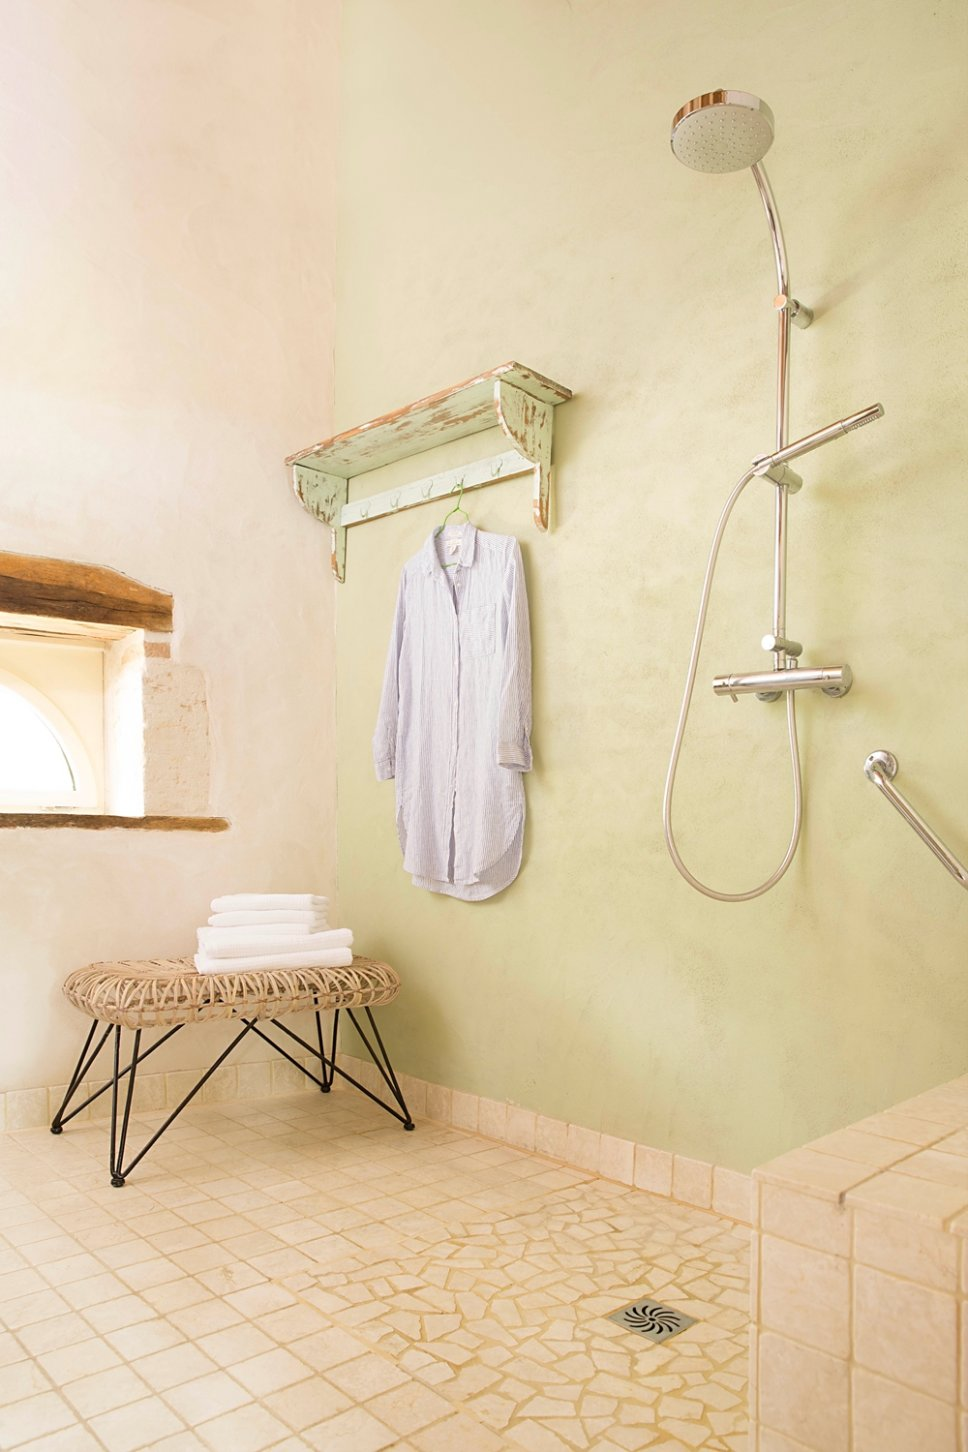 Farbenfroh und nostalgisch eingerichtetes Badezimmer in altem französischen Landhaus